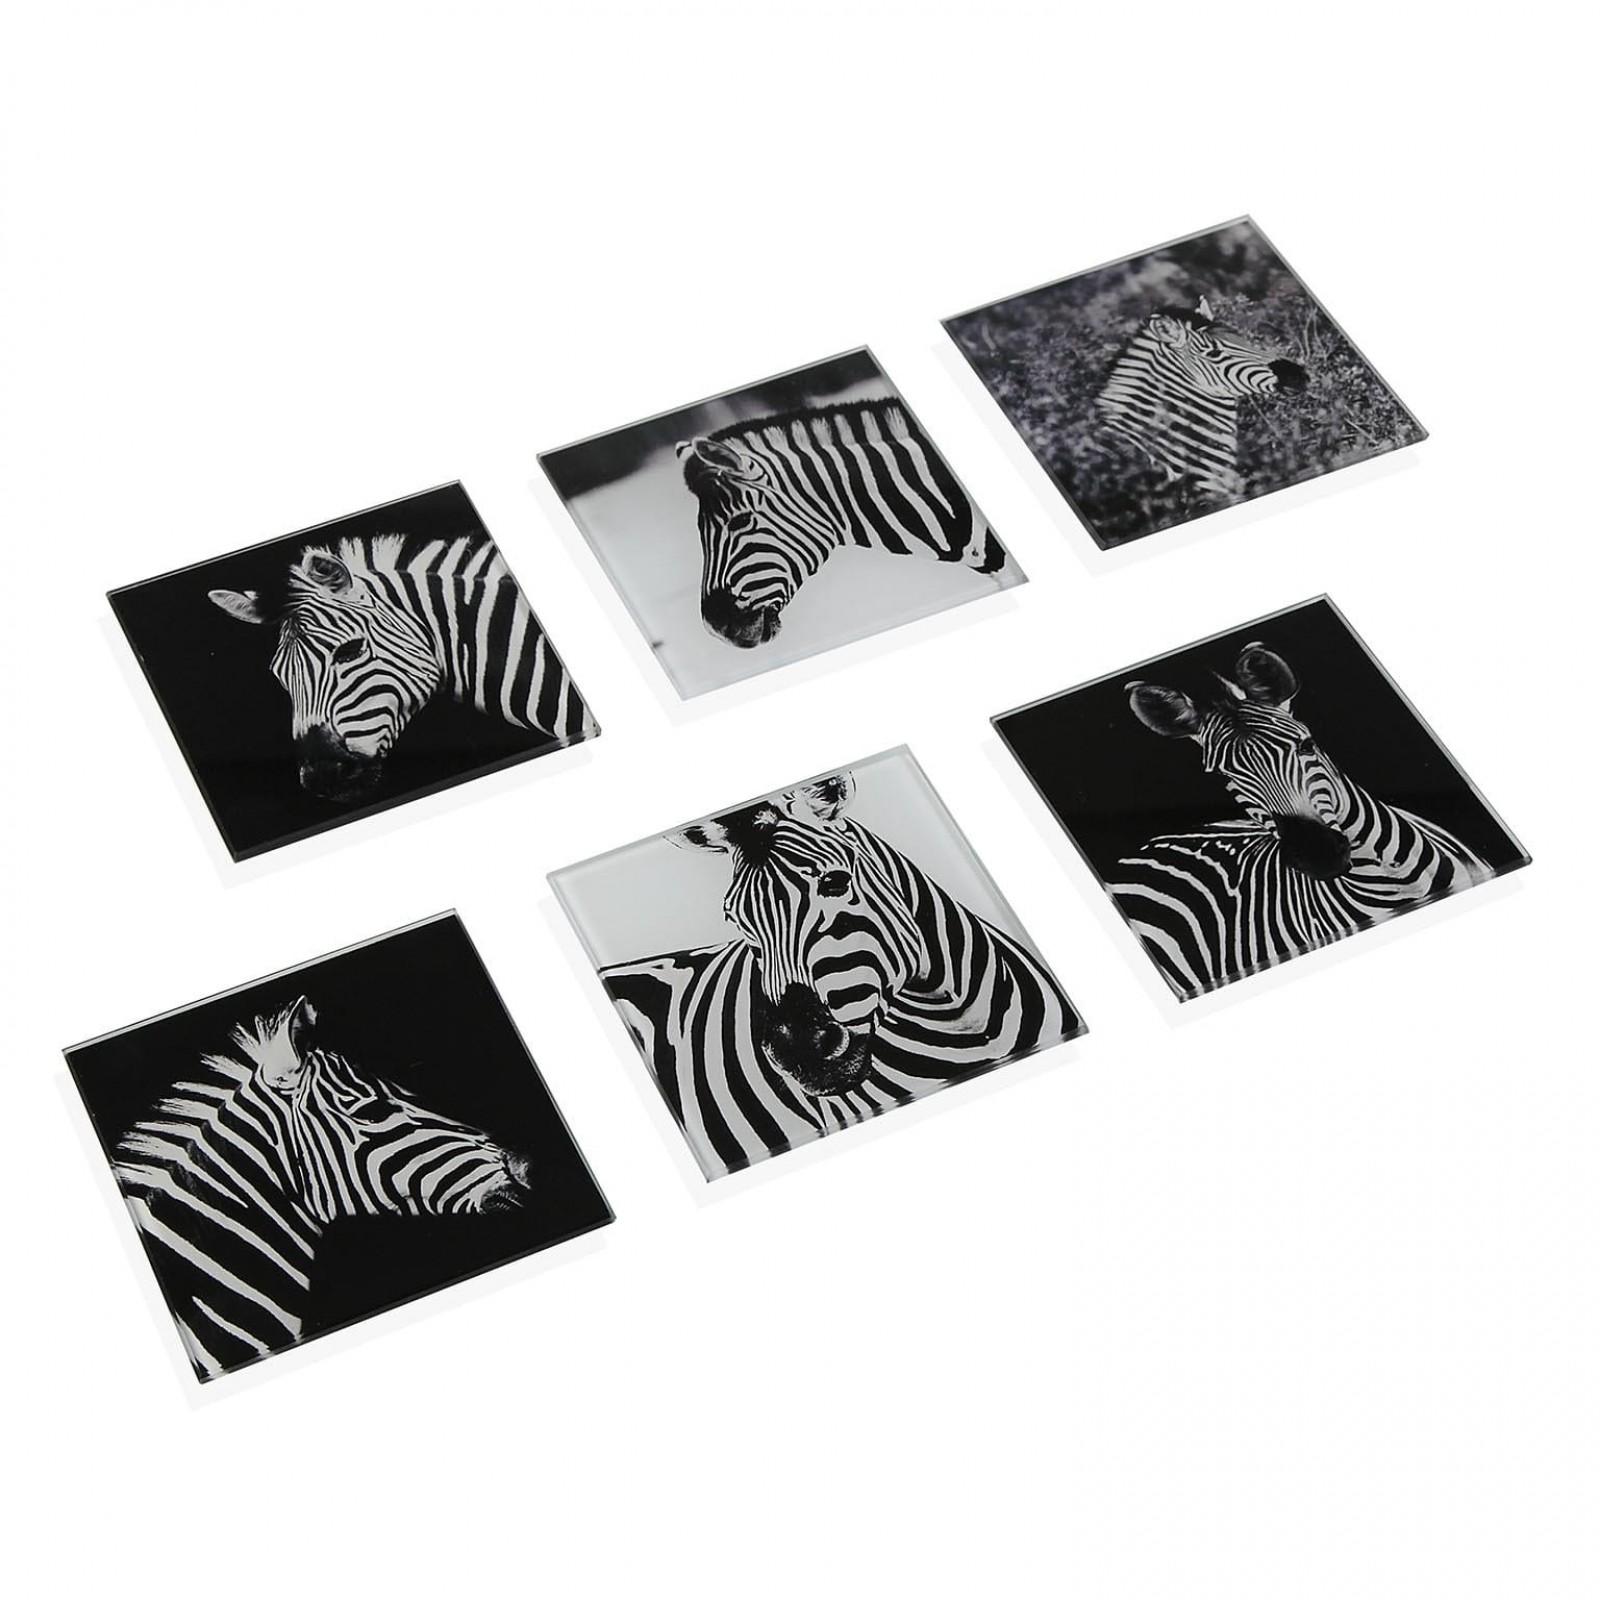 Σουβέρ Τετράγωνα Zebra Σετ των 6 (Γυαλί) - Versa